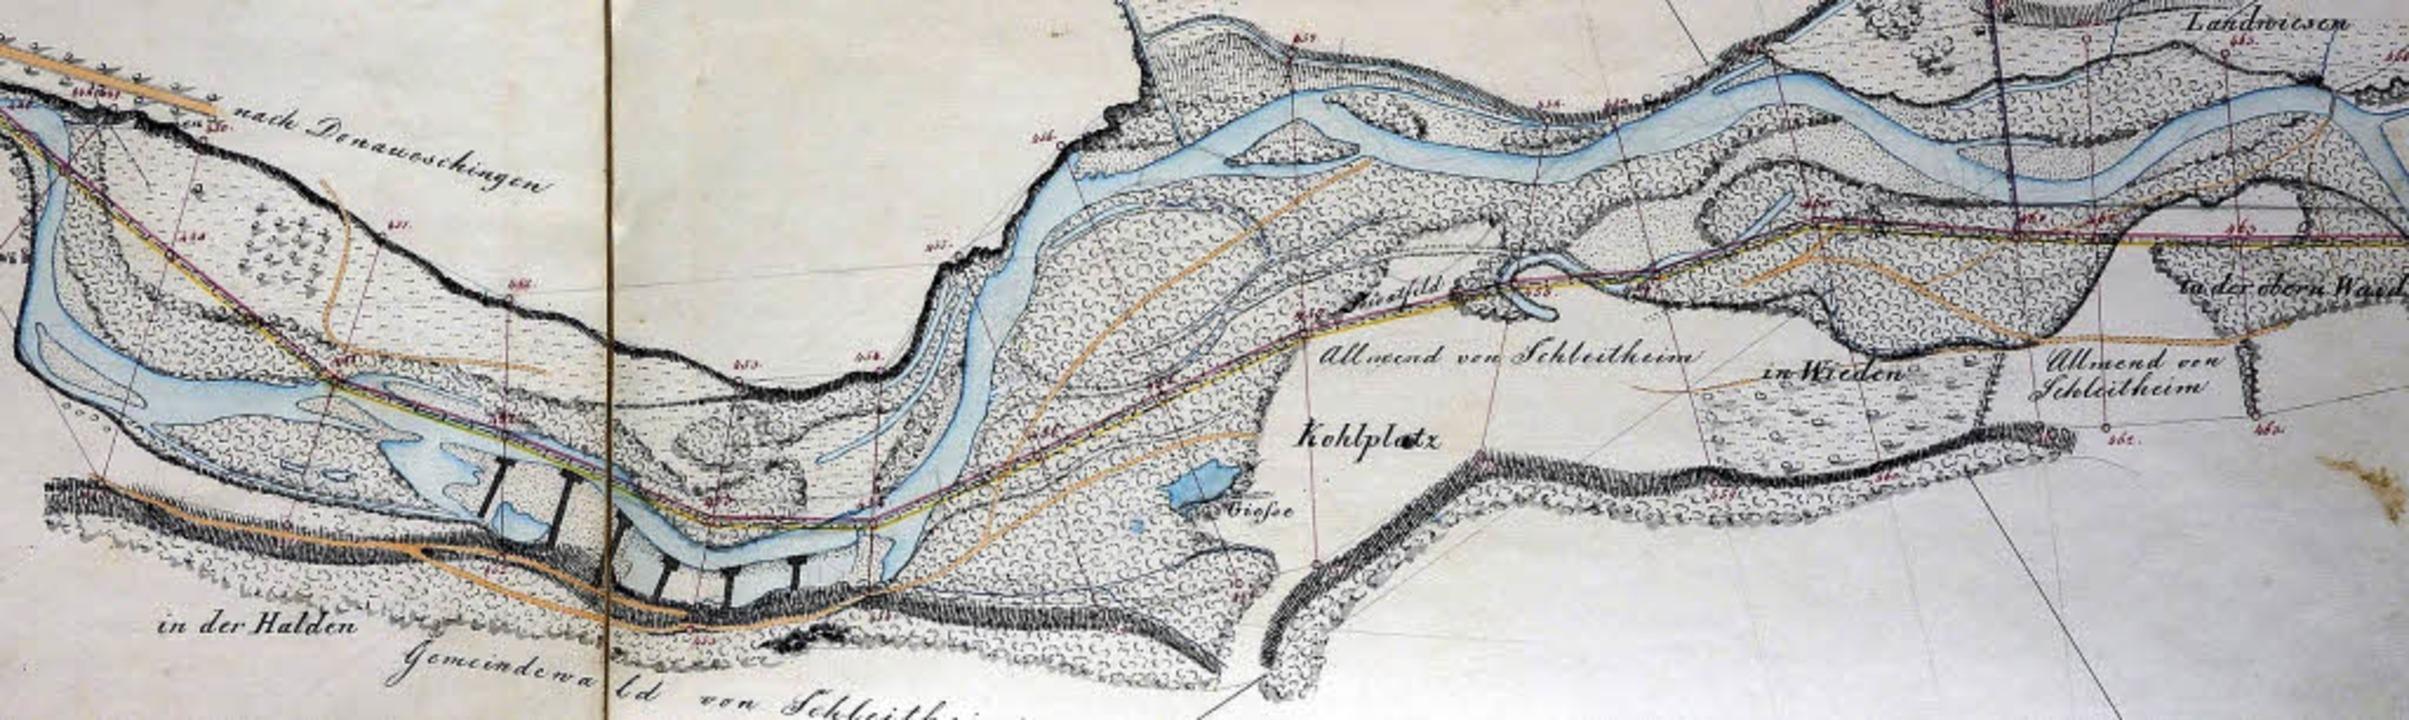 Karte des Wutachlaufes zwischen Weizen... Ehrenbaches mit dem damaligen Steg.      Foto:  Gemeindearchiv Schleitheim